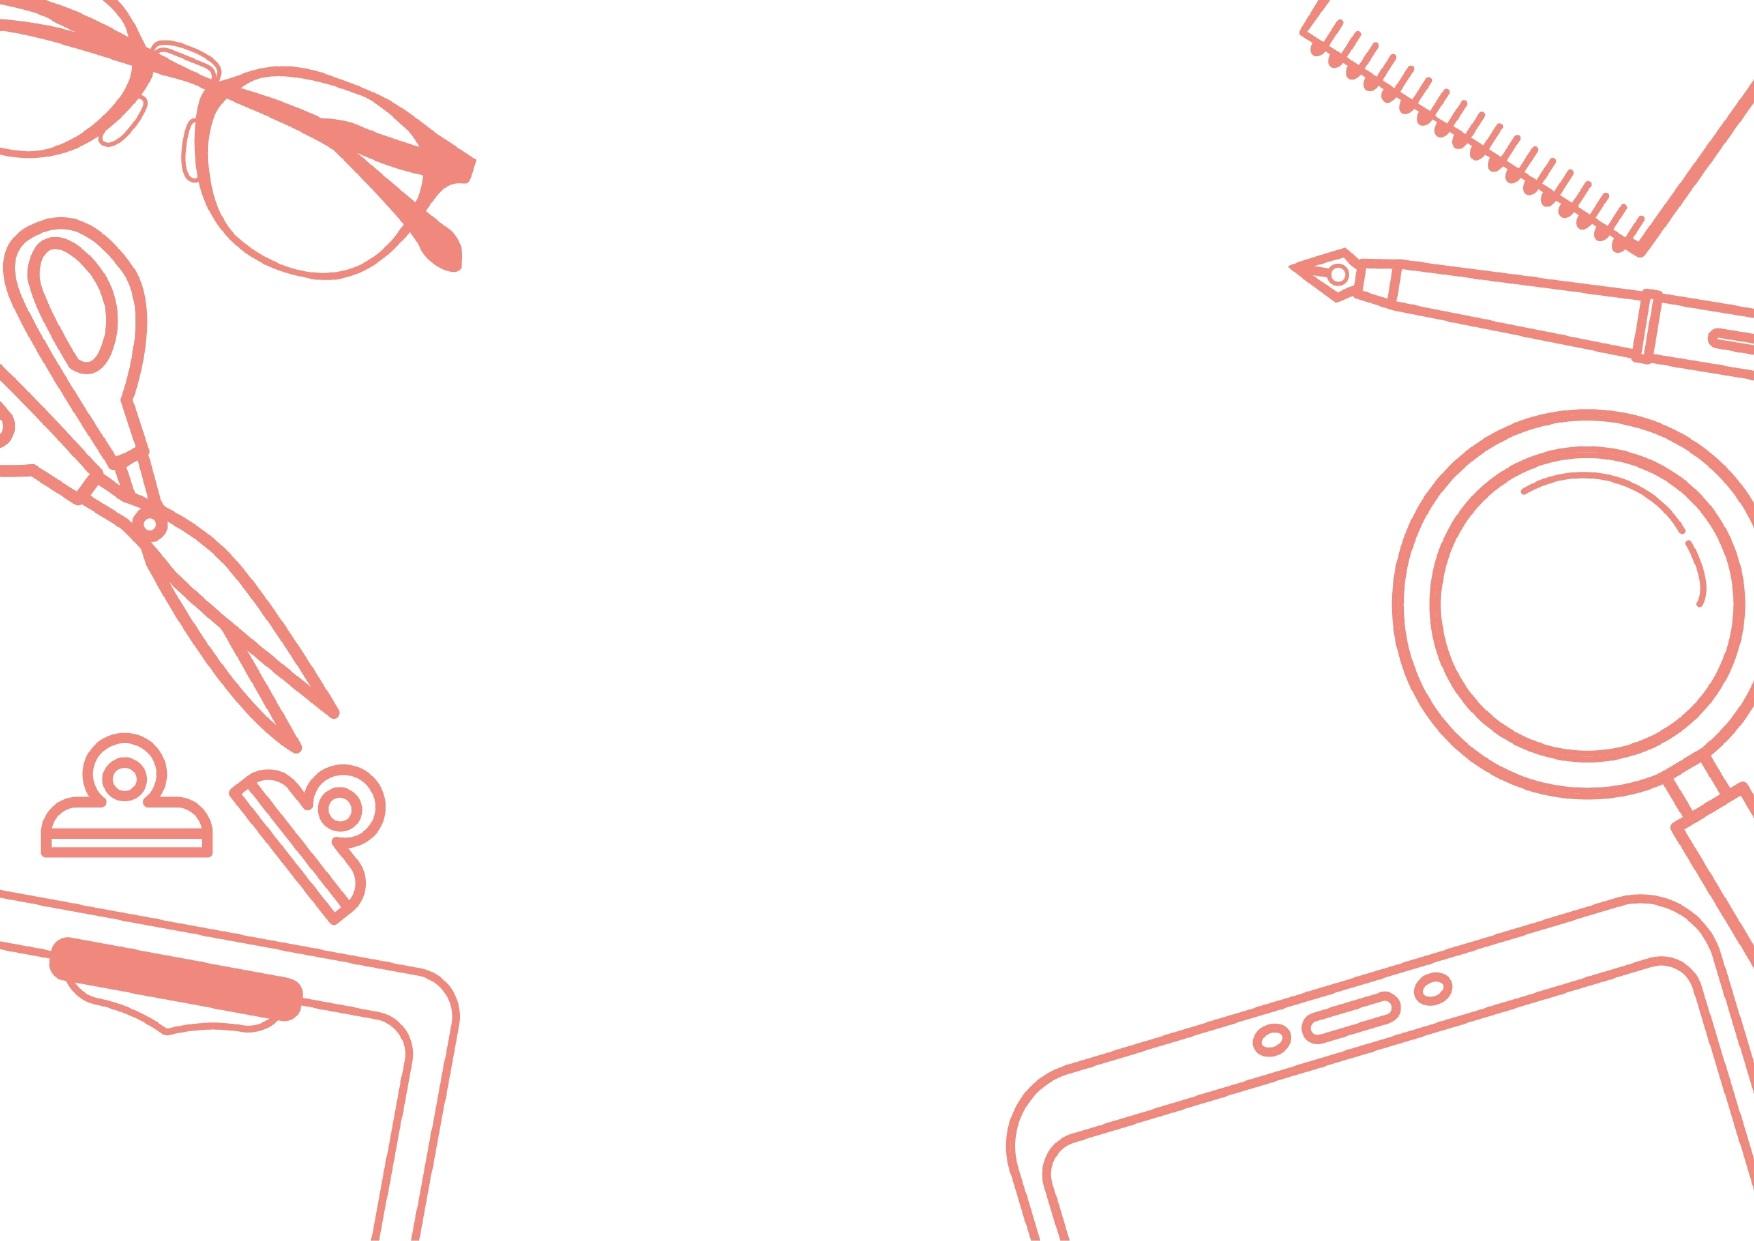 道具・文房具のフレームデザイン01